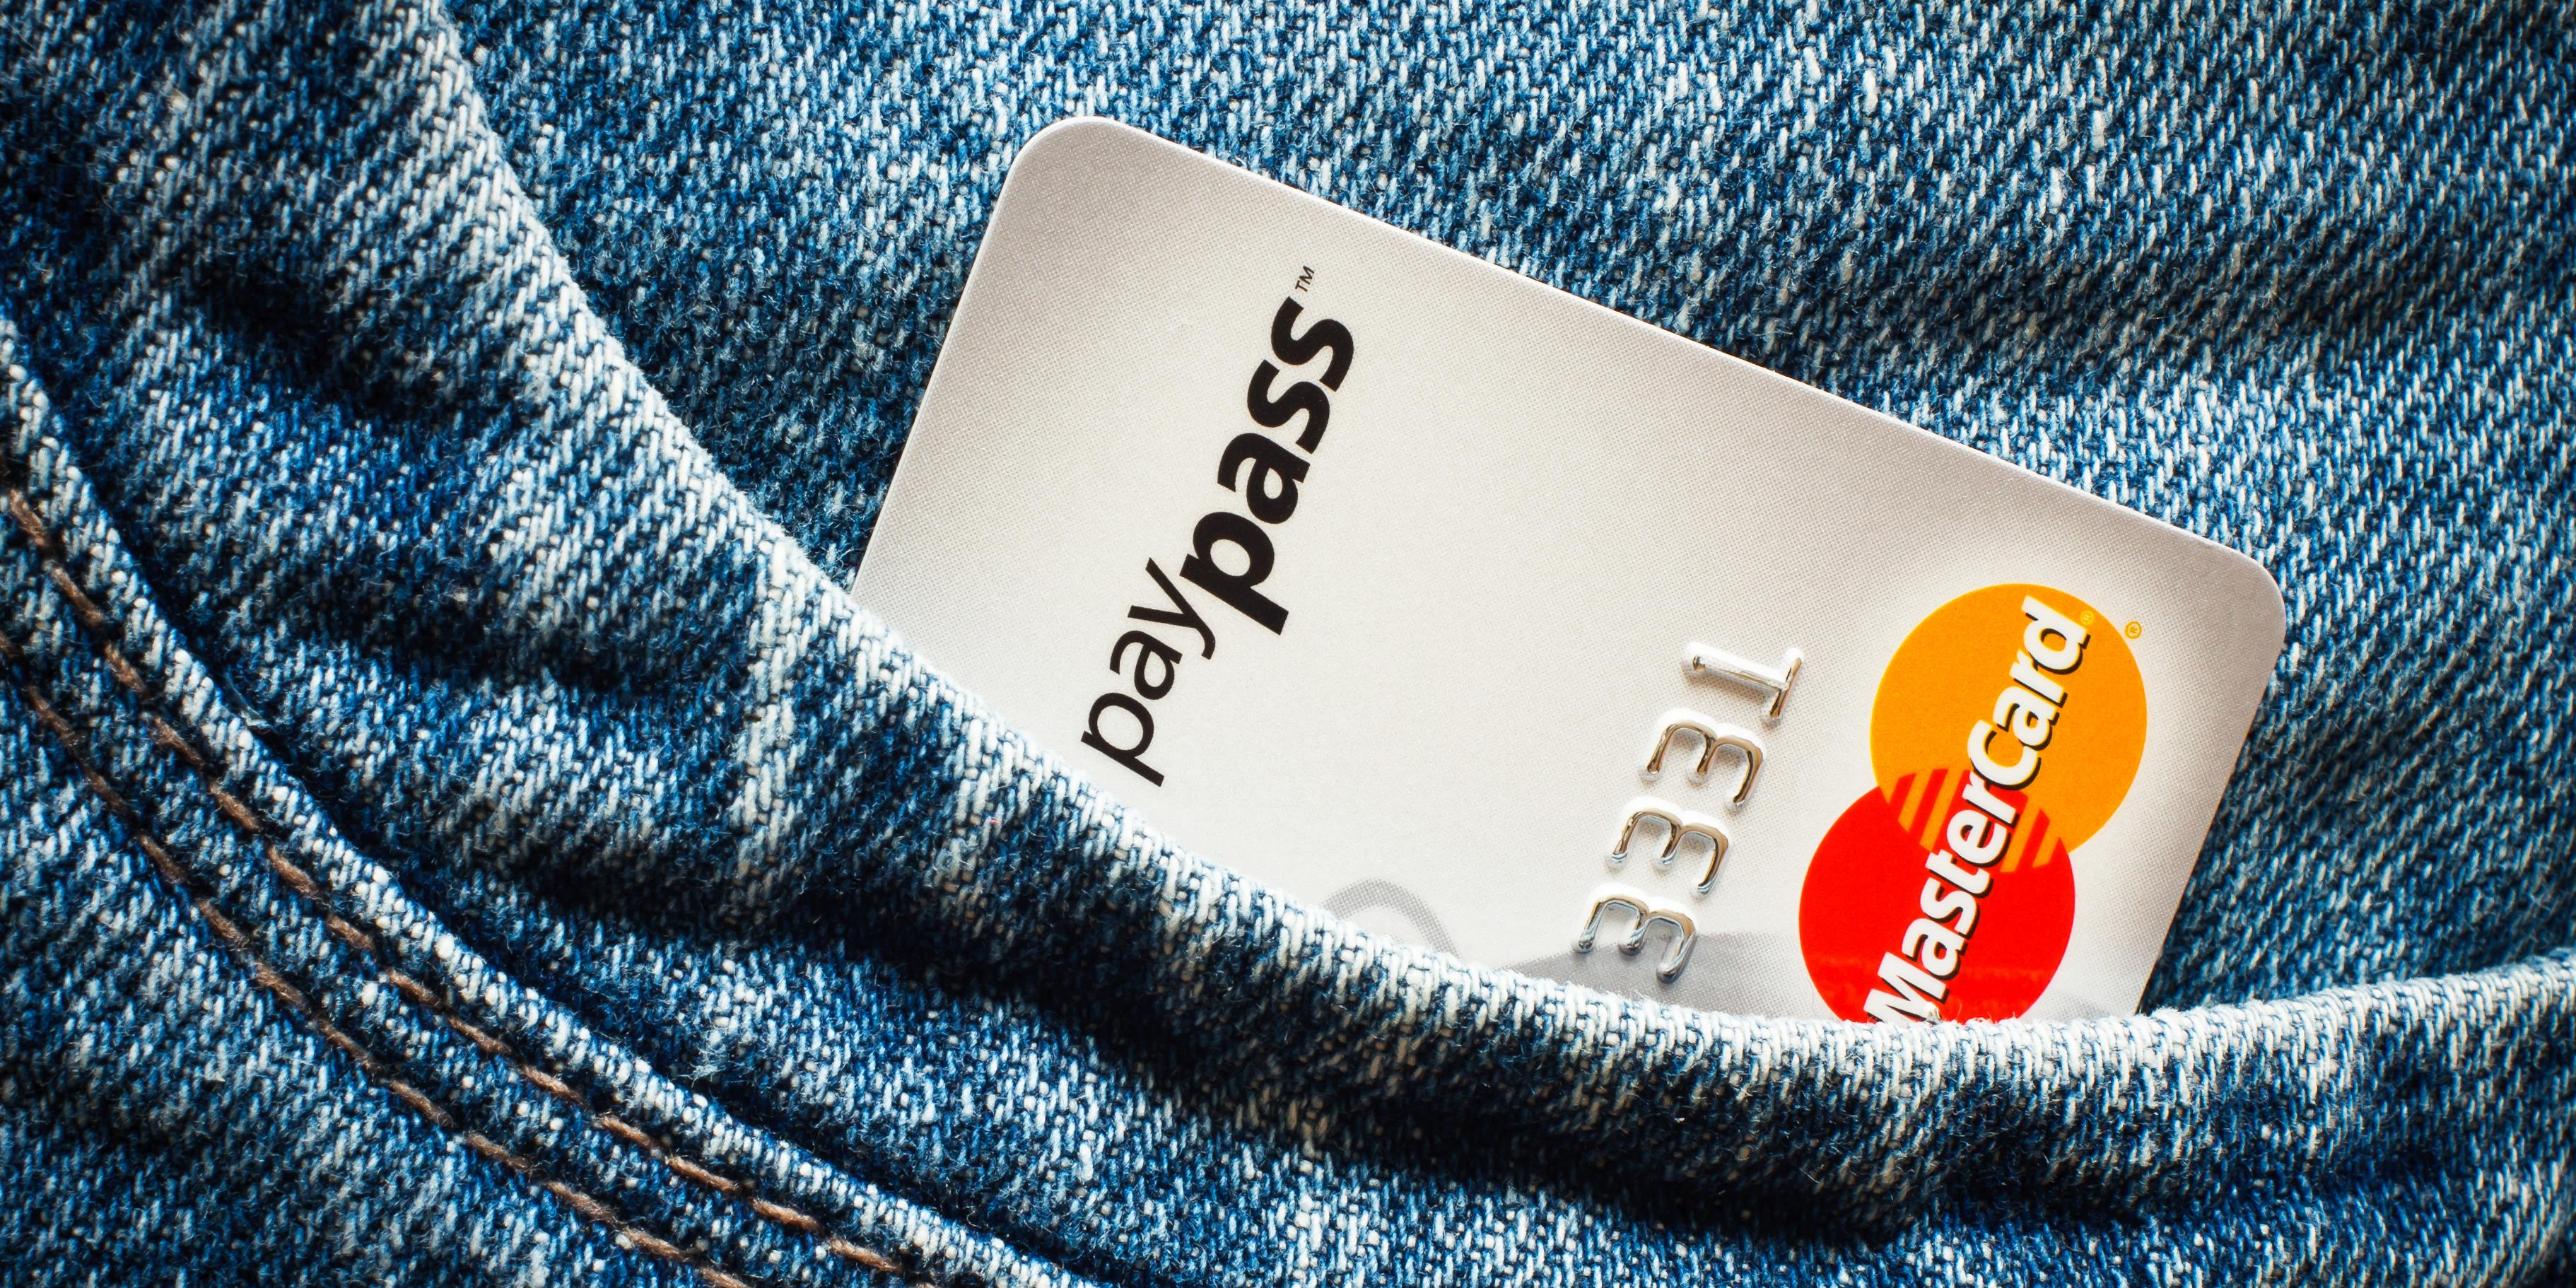 d87ff7d99a Zsebbe vágó hírt közölt a Visa és a Mastercard